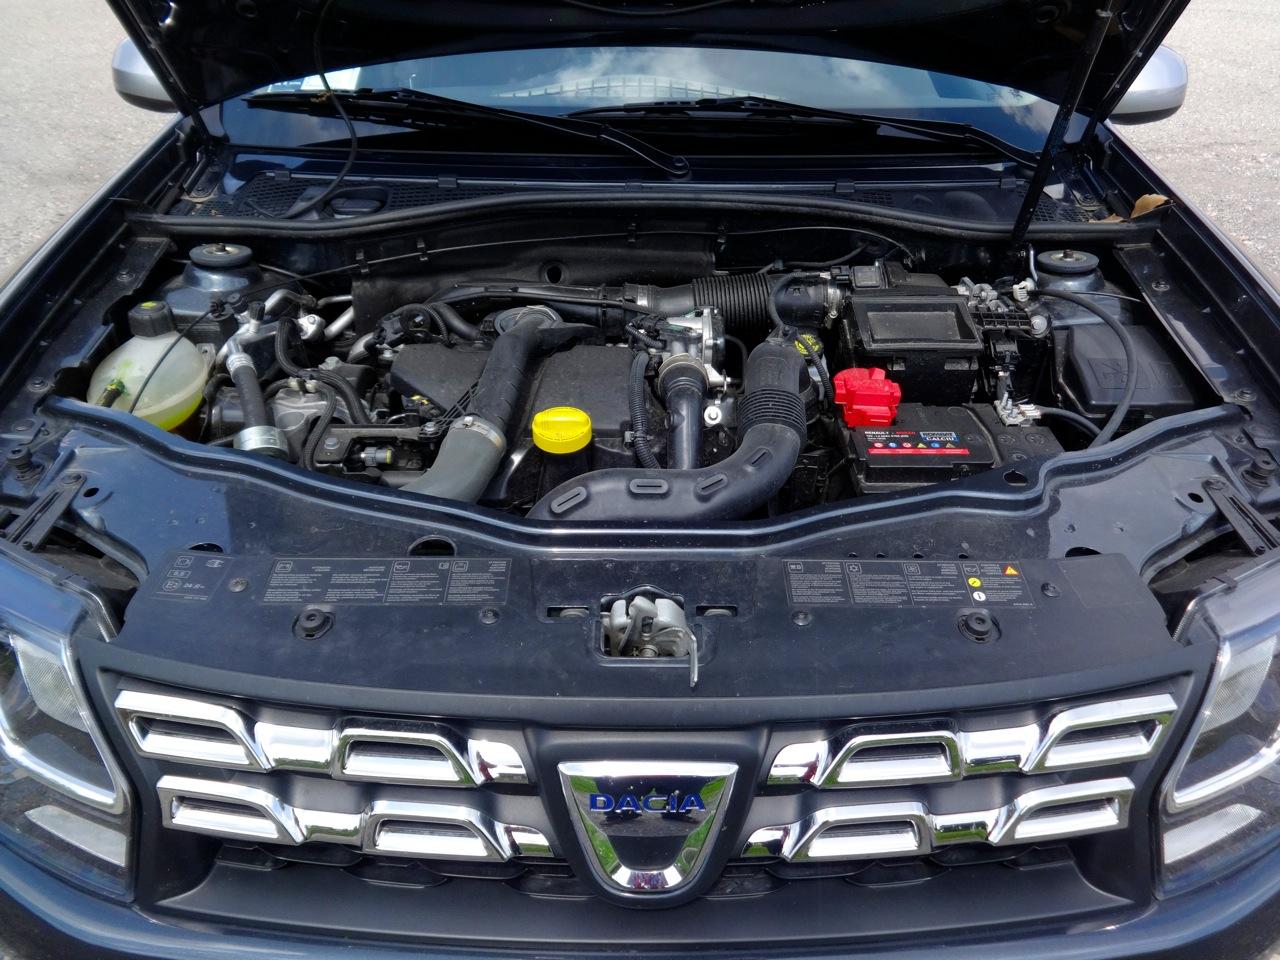 Dacia duster my 2014 prova su strada foto 18 di 39 for Prova su strada dacia duster 4x4